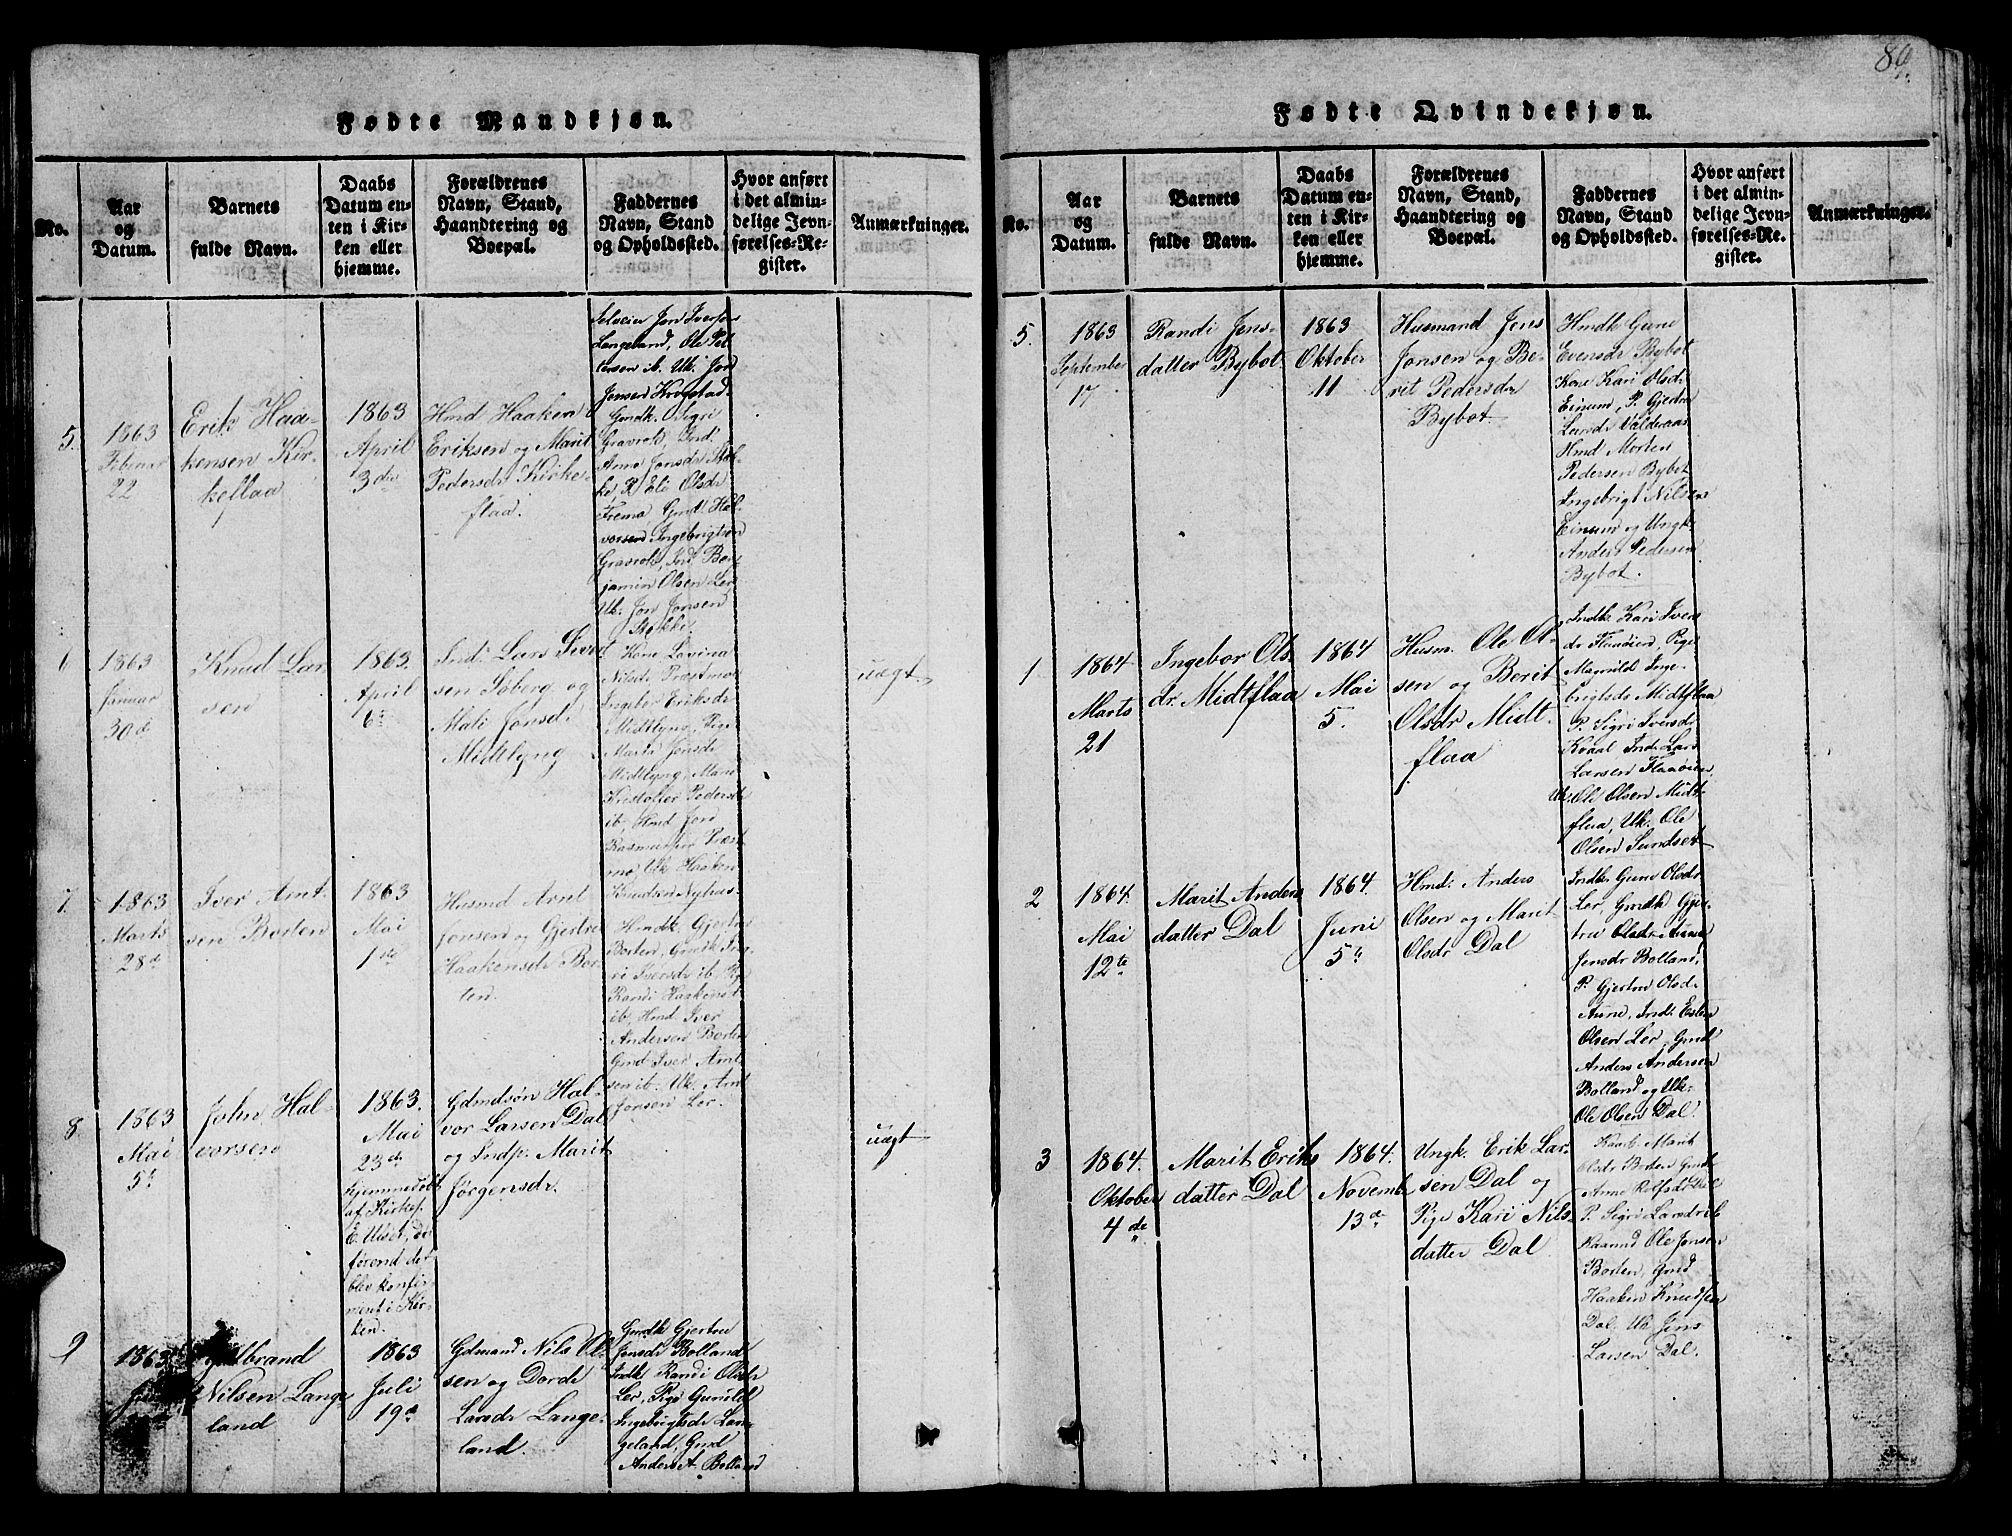 SAT, Ministerialprotokoller, klokkerbøker og fødselsregistre - Sør-Trøndelag, 693/L1121: Klokkerbok nr. 693C02, 1816-1869, s. 89